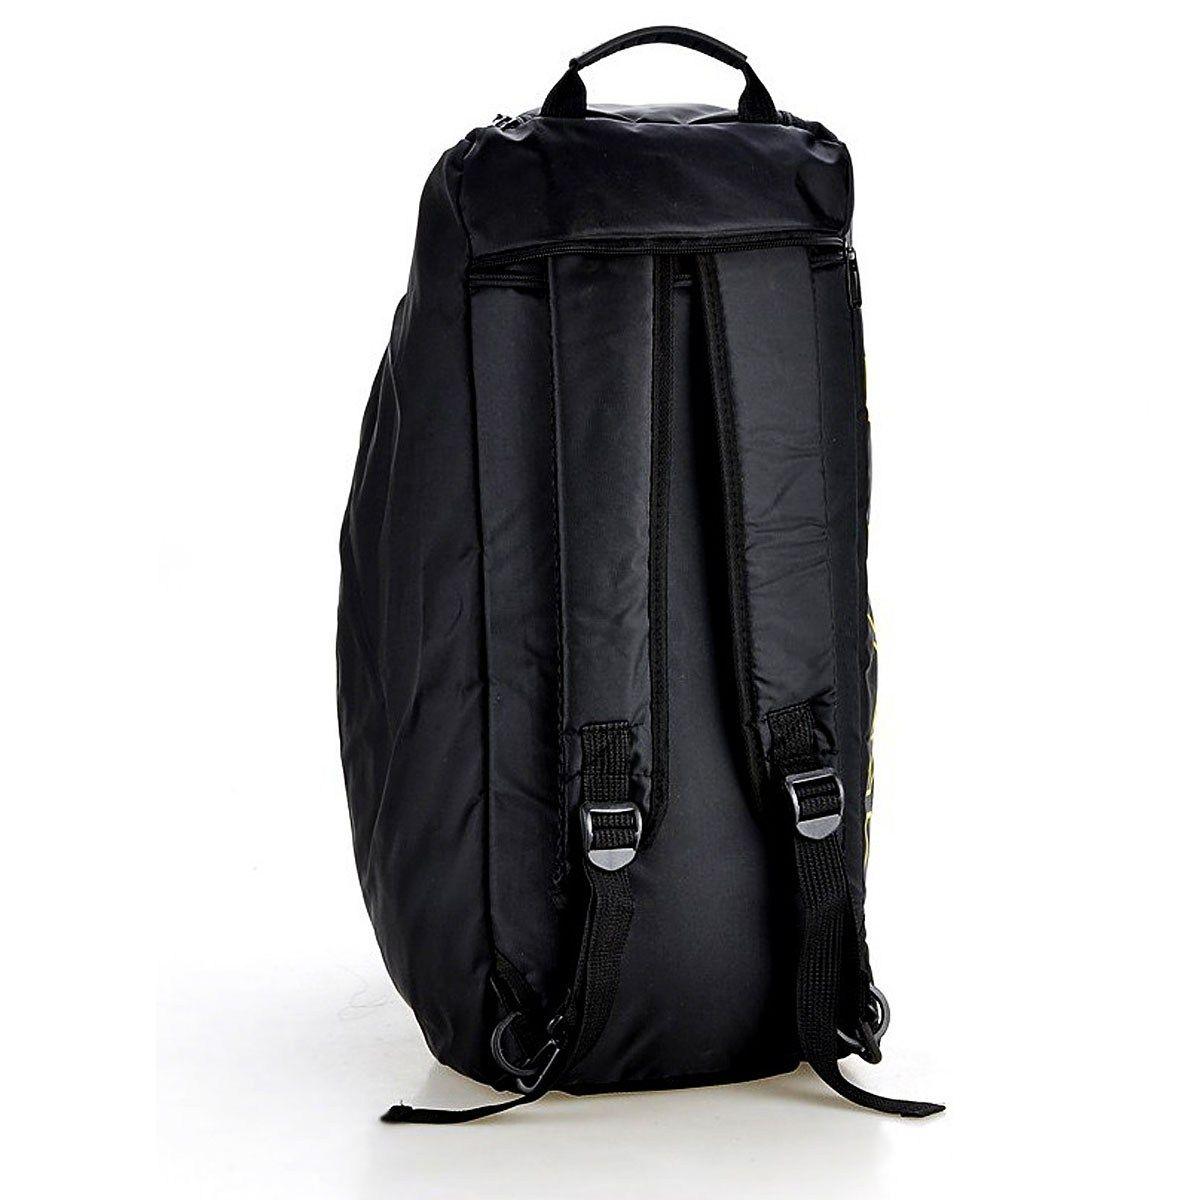 edző táska sporttáska T90 fekete fehér hátulról 2 www.edzotriko.hu ... 22910a34ff